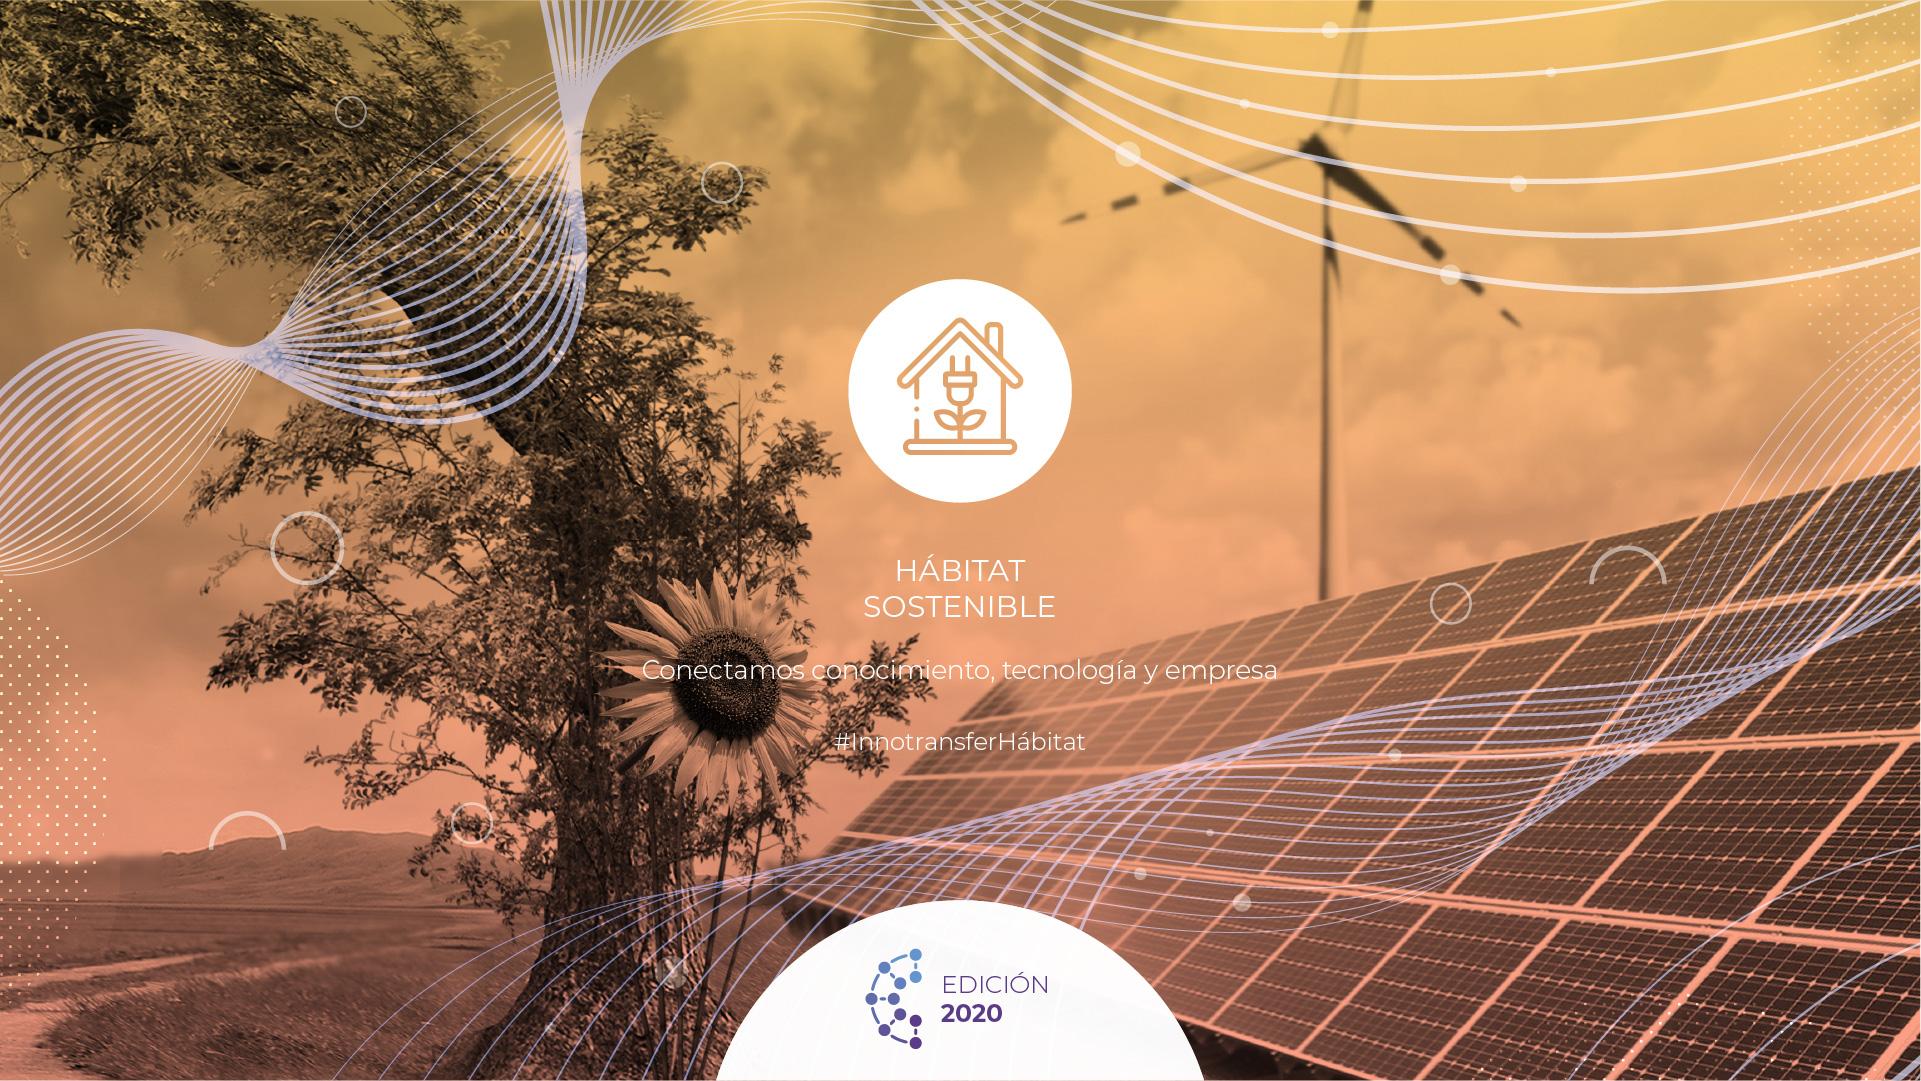 Habitat Sostenible - Innotransfer